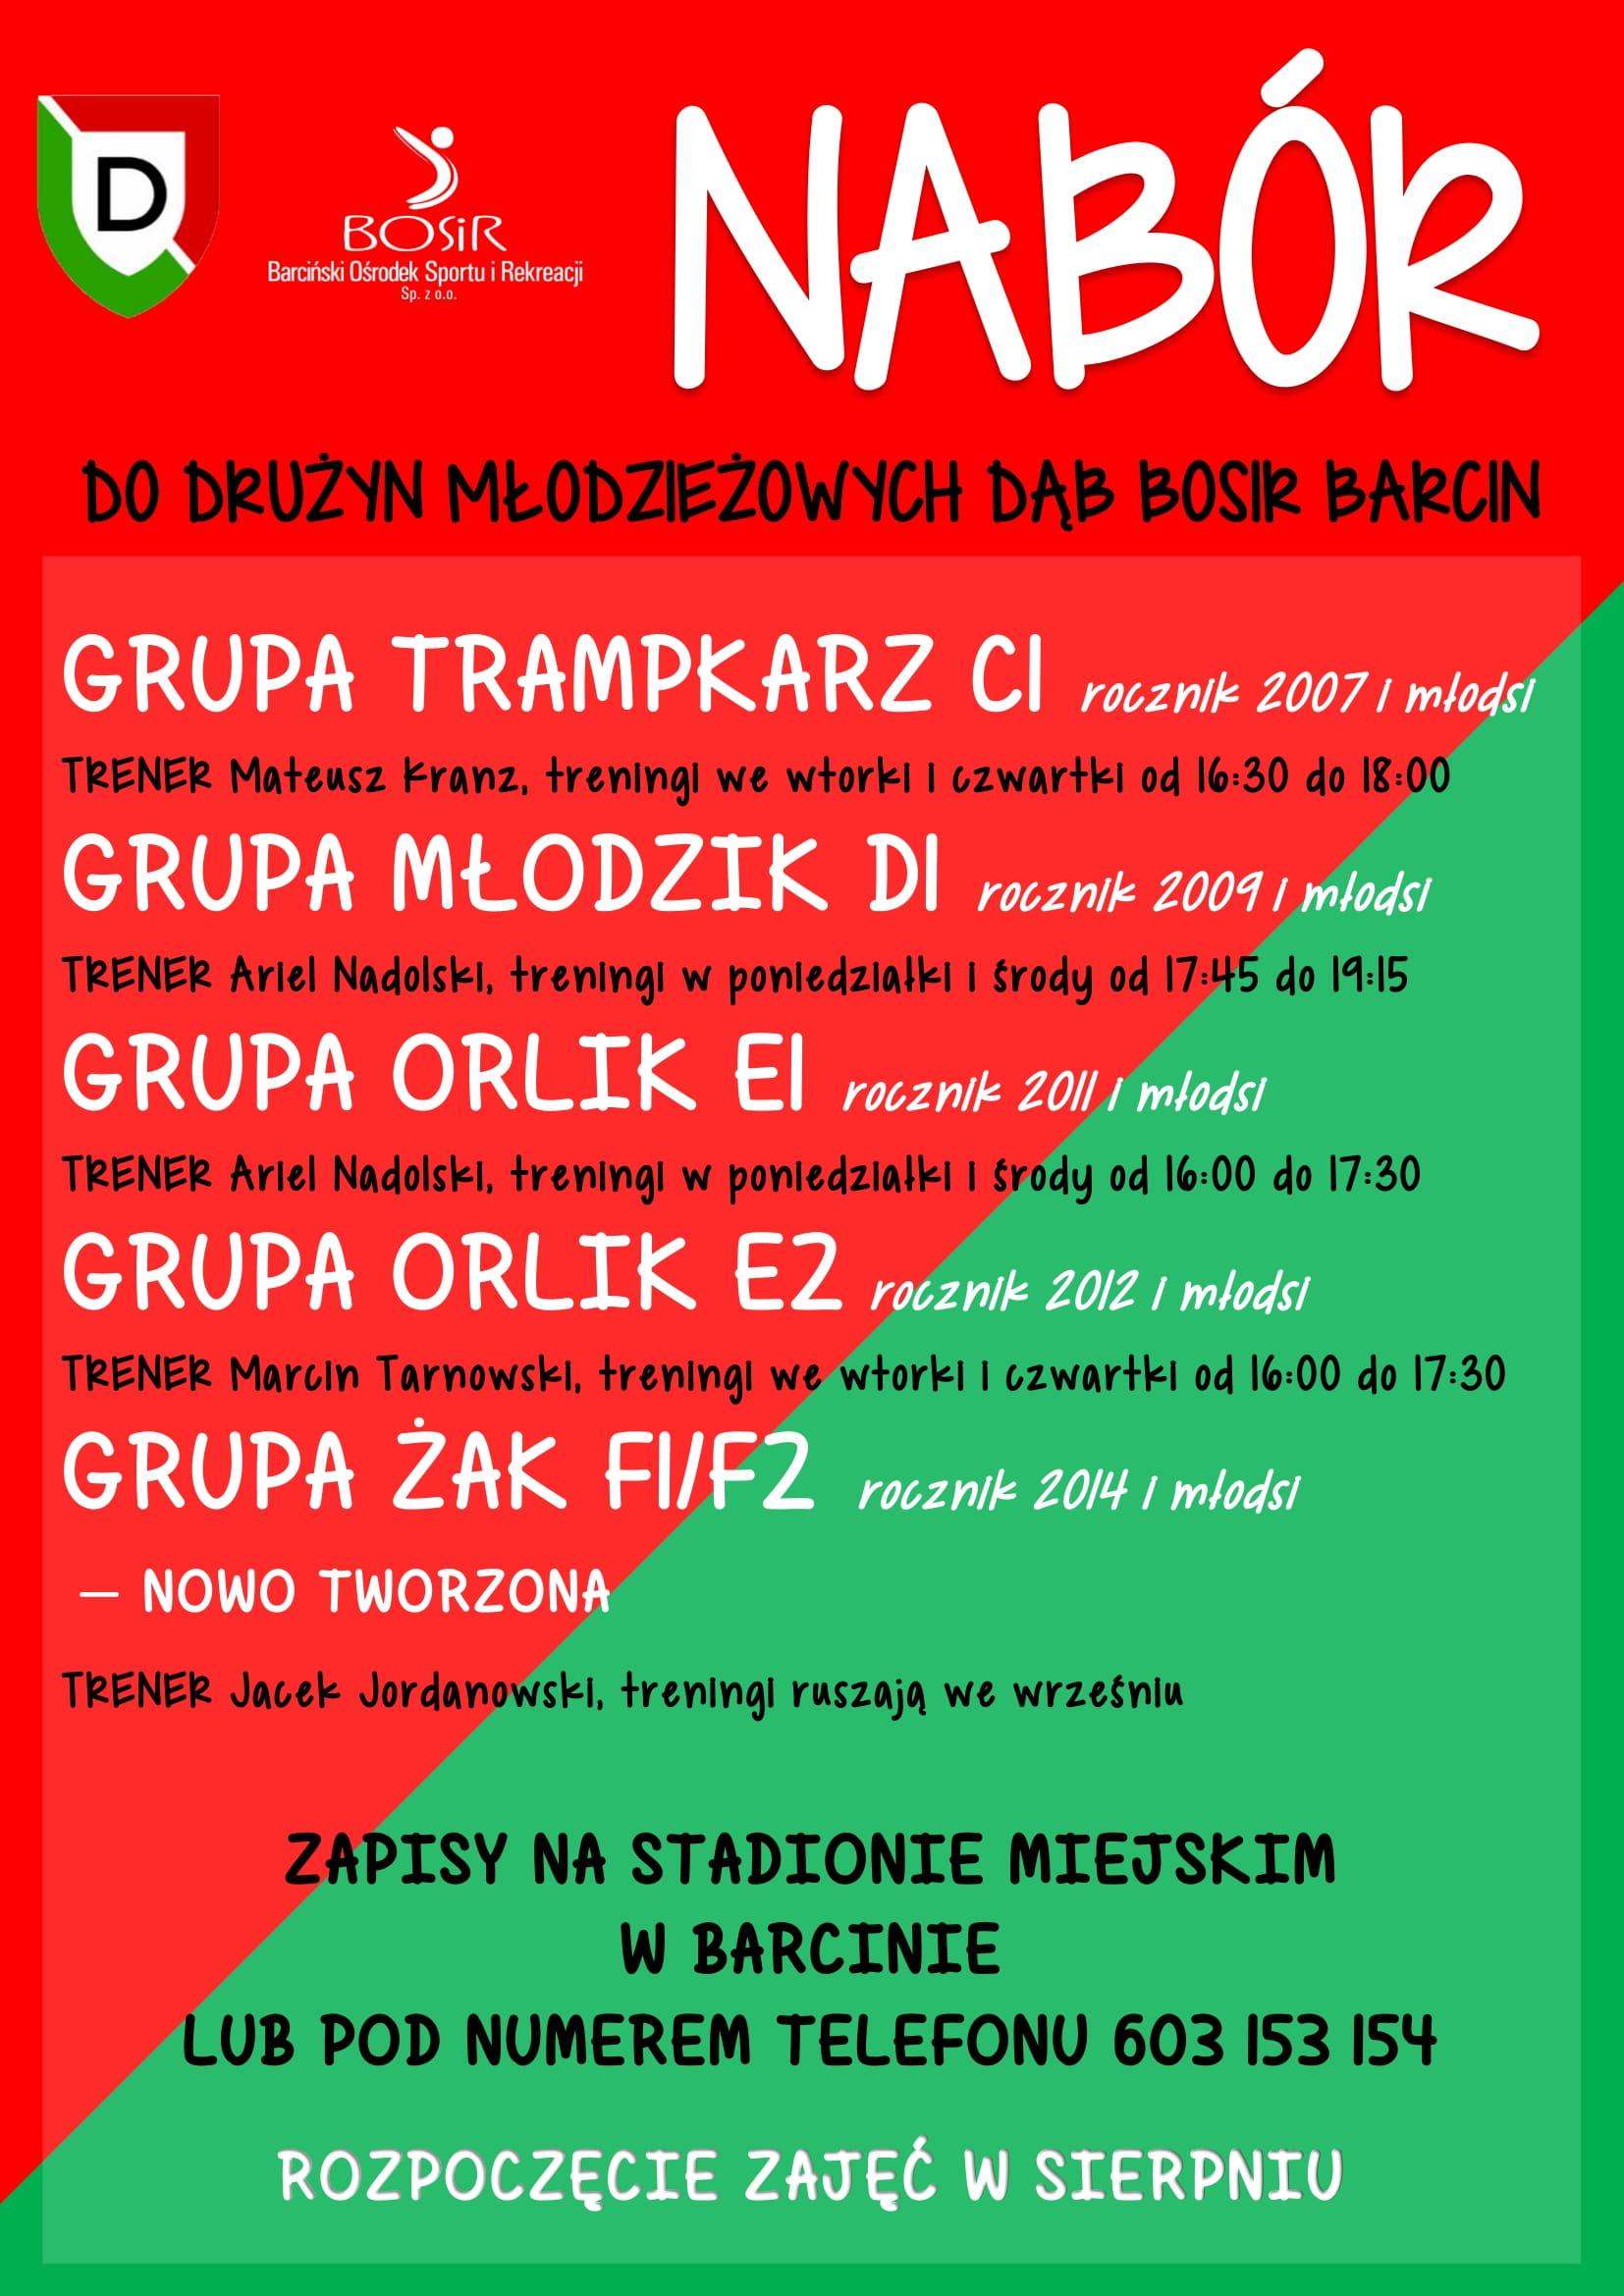 You are currently viewing Nabór do Drużyn Młodzieżowych Dąb Bosir Barcin